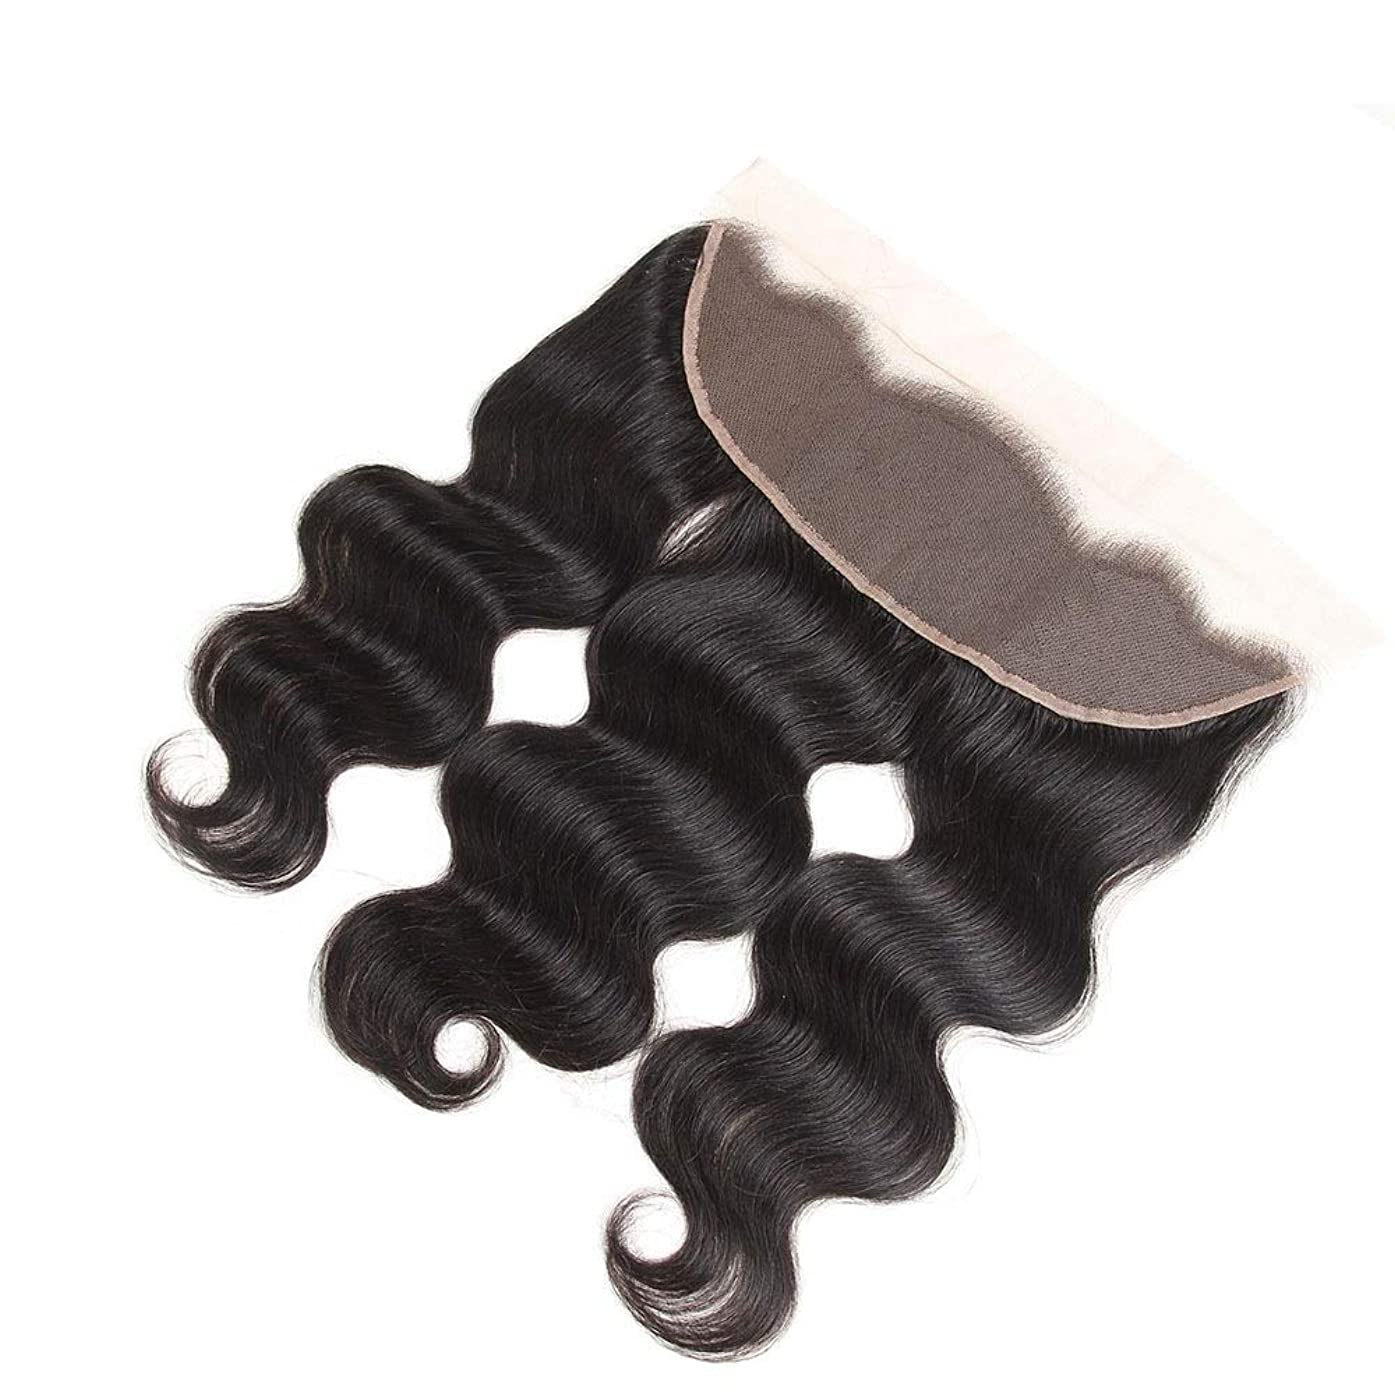 召喚するリーガン依存するMayalina 13 * 4フリーパートレース前部閉鎖実体波ブラジル織り方オンブル人毛バンドルナチュラルブラックヘアエクステンション女性複合かつらレースかつらロールプレイングかつら (色 : 黒, サイズ : 20 inch)